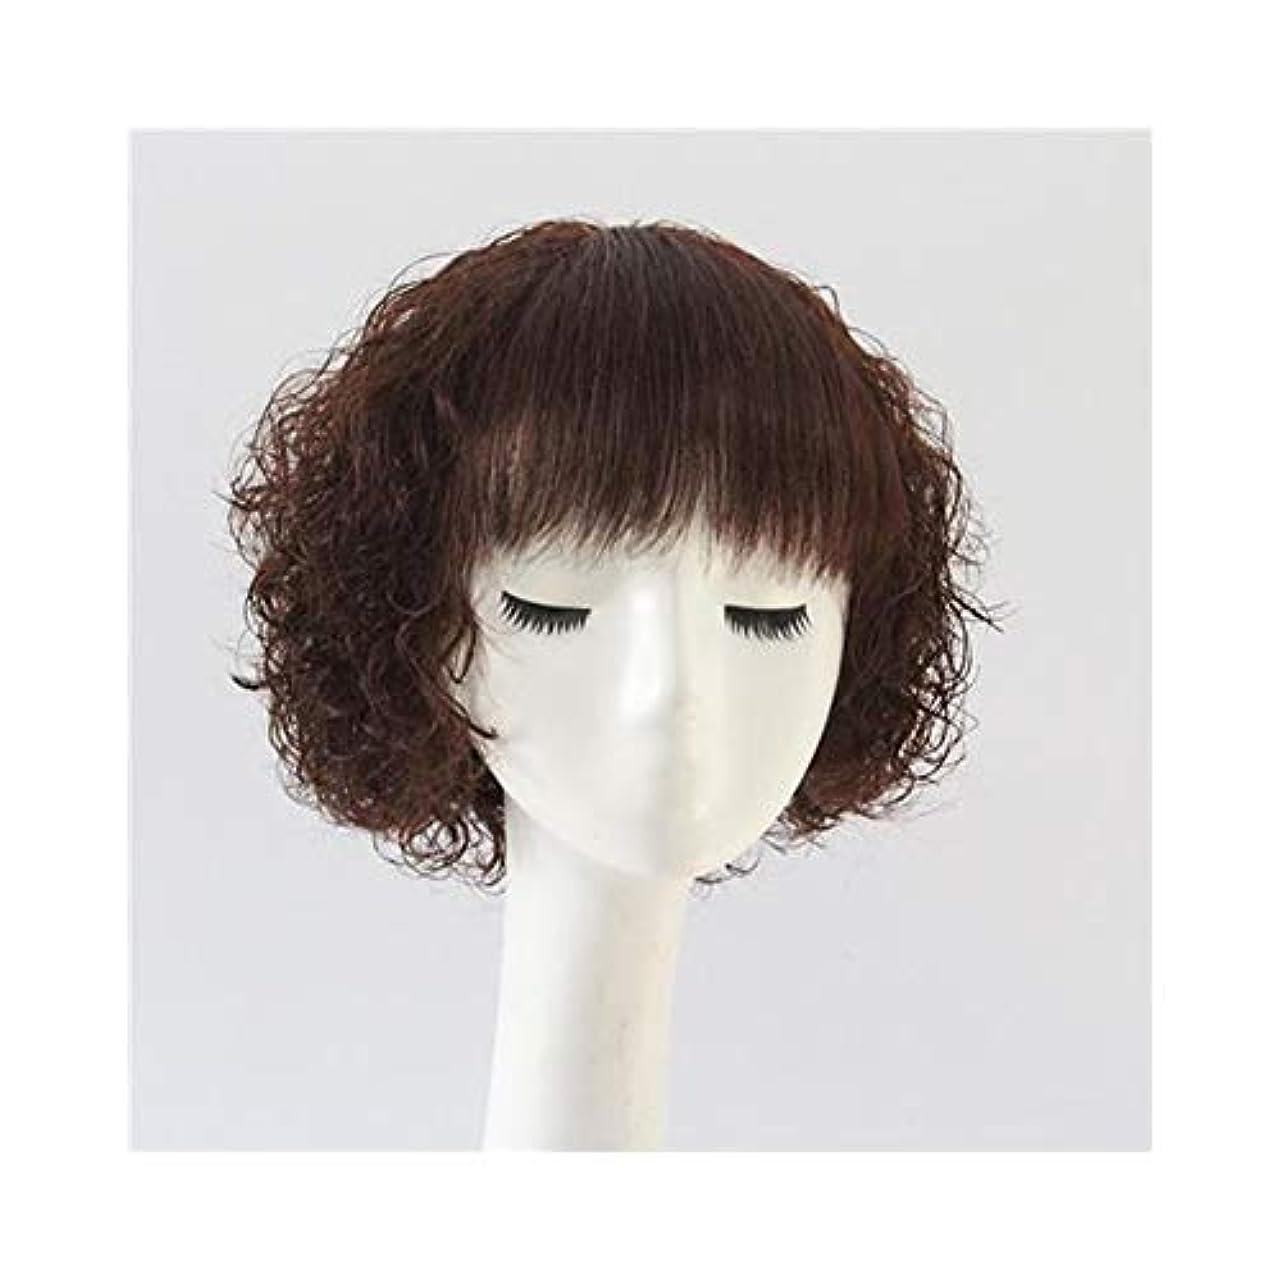 衣服移行する砂YOUQIU 女性ファッションナチュラル耐熱性繊維ウィッグかつらのために100%実髪ショートカーリーヘア (色 : Dark brown)